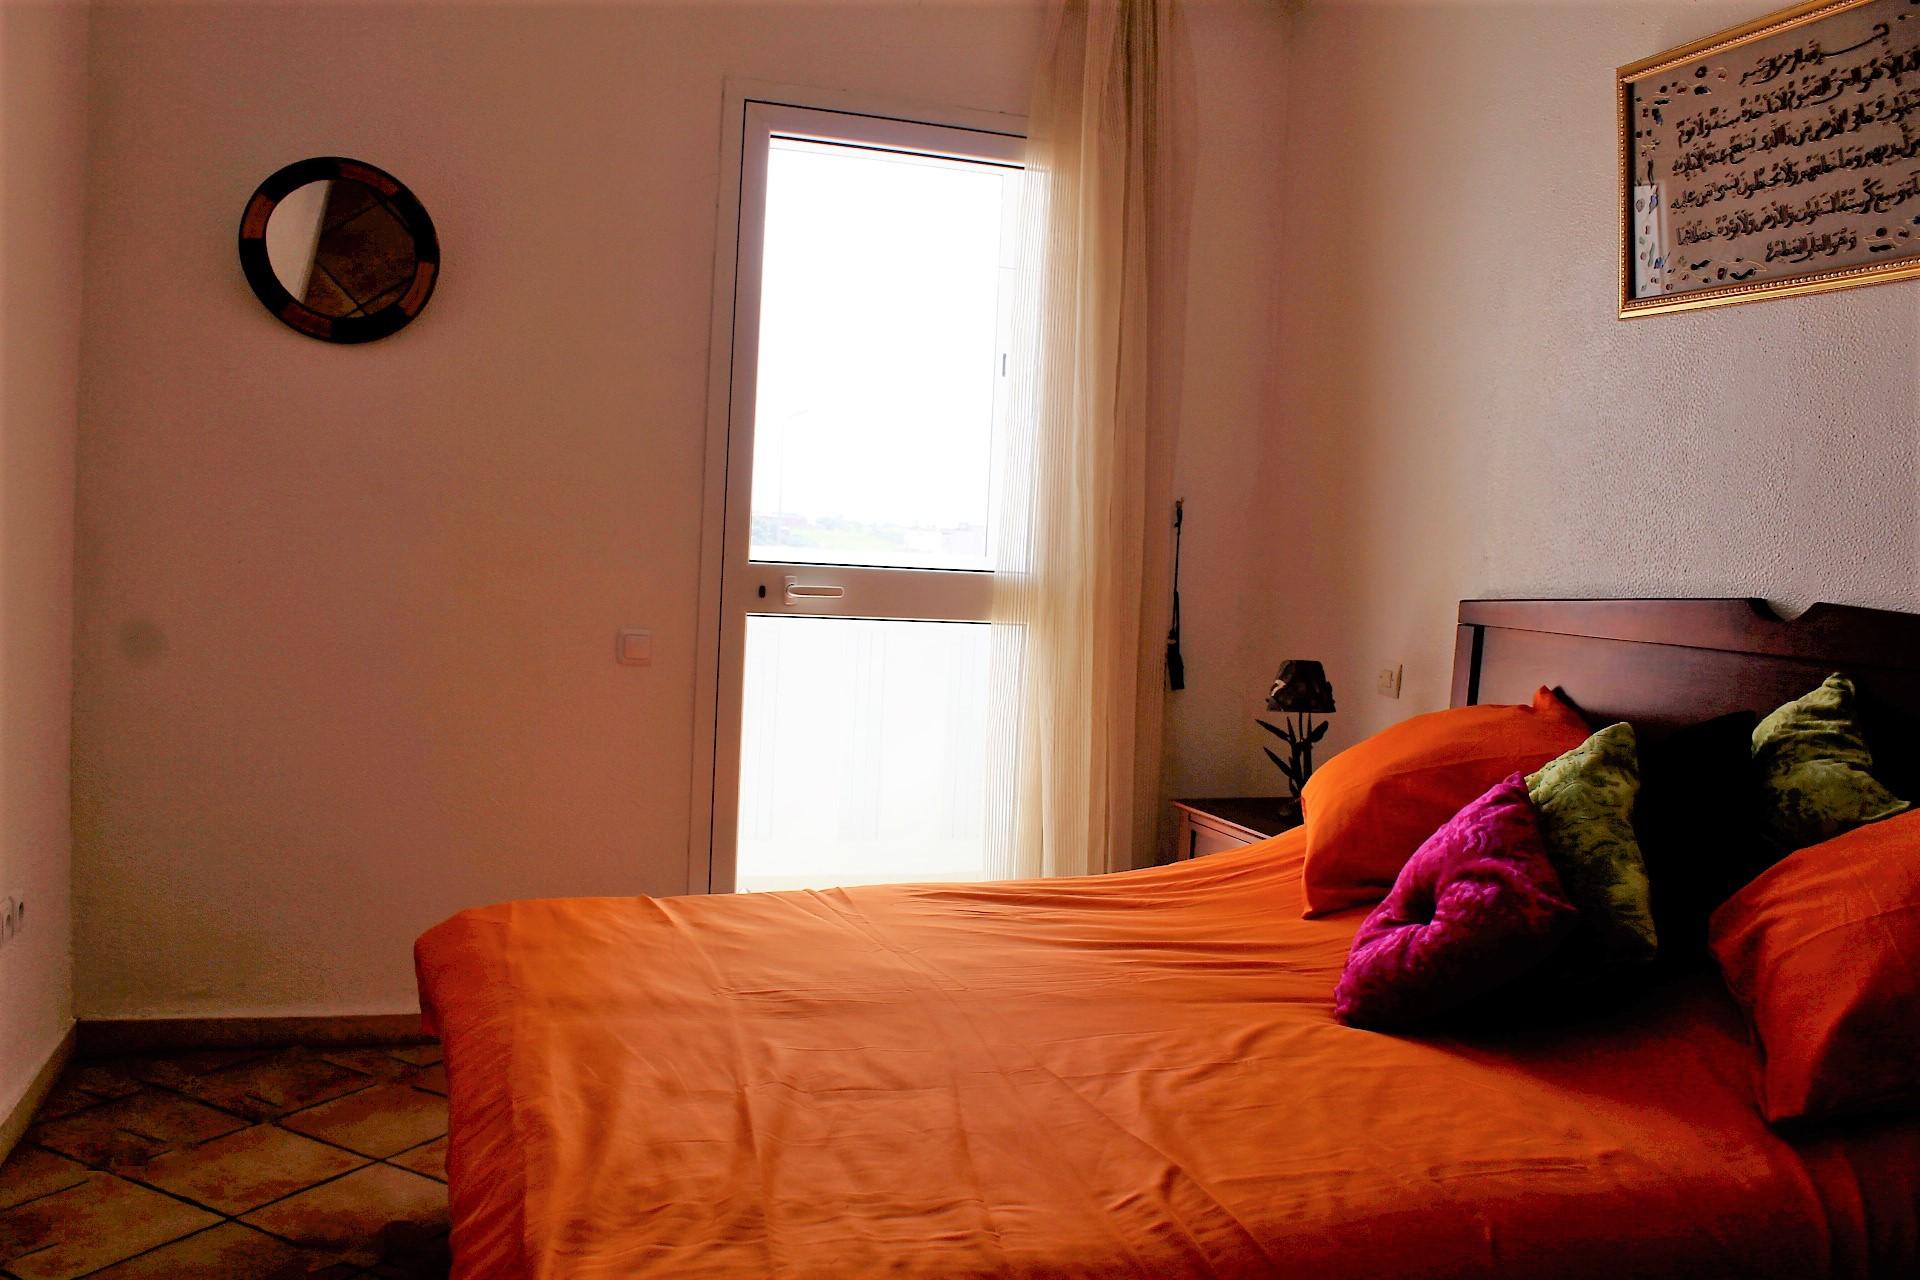 Maroc, Casablanca, Gauthier, à louer agréable studio avec parking dans immeuble bourgeois